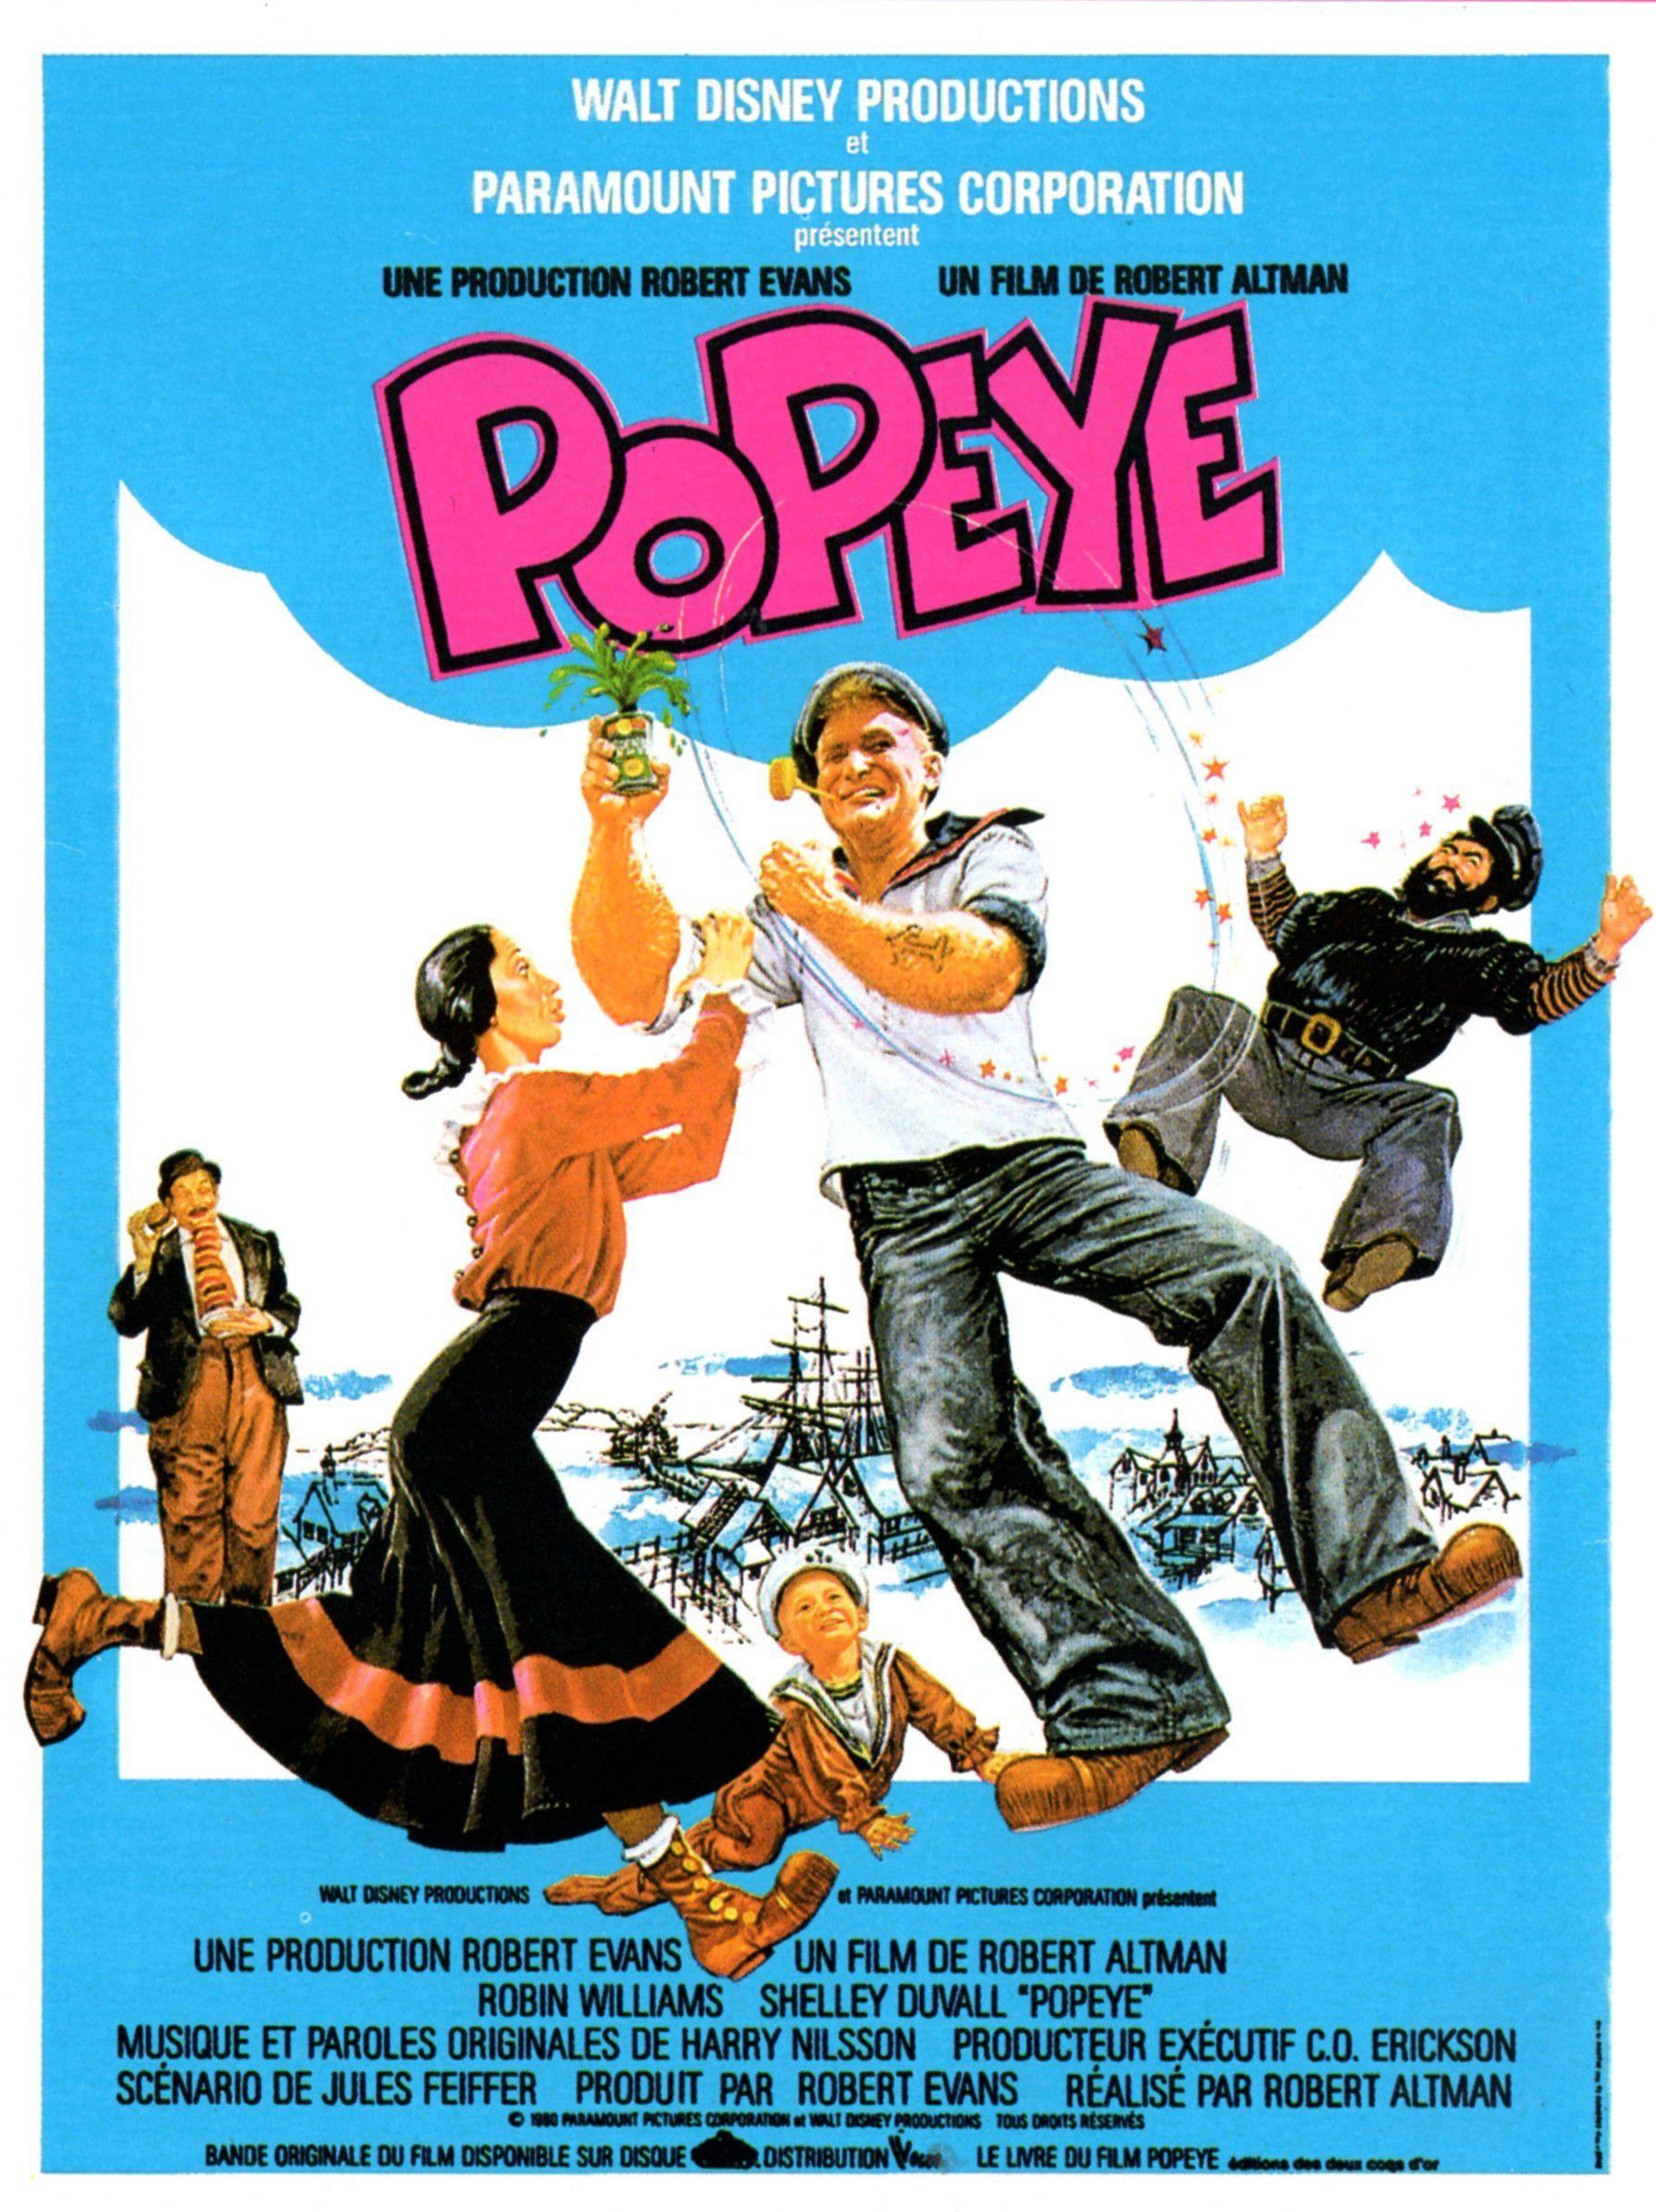 Popeye (film)